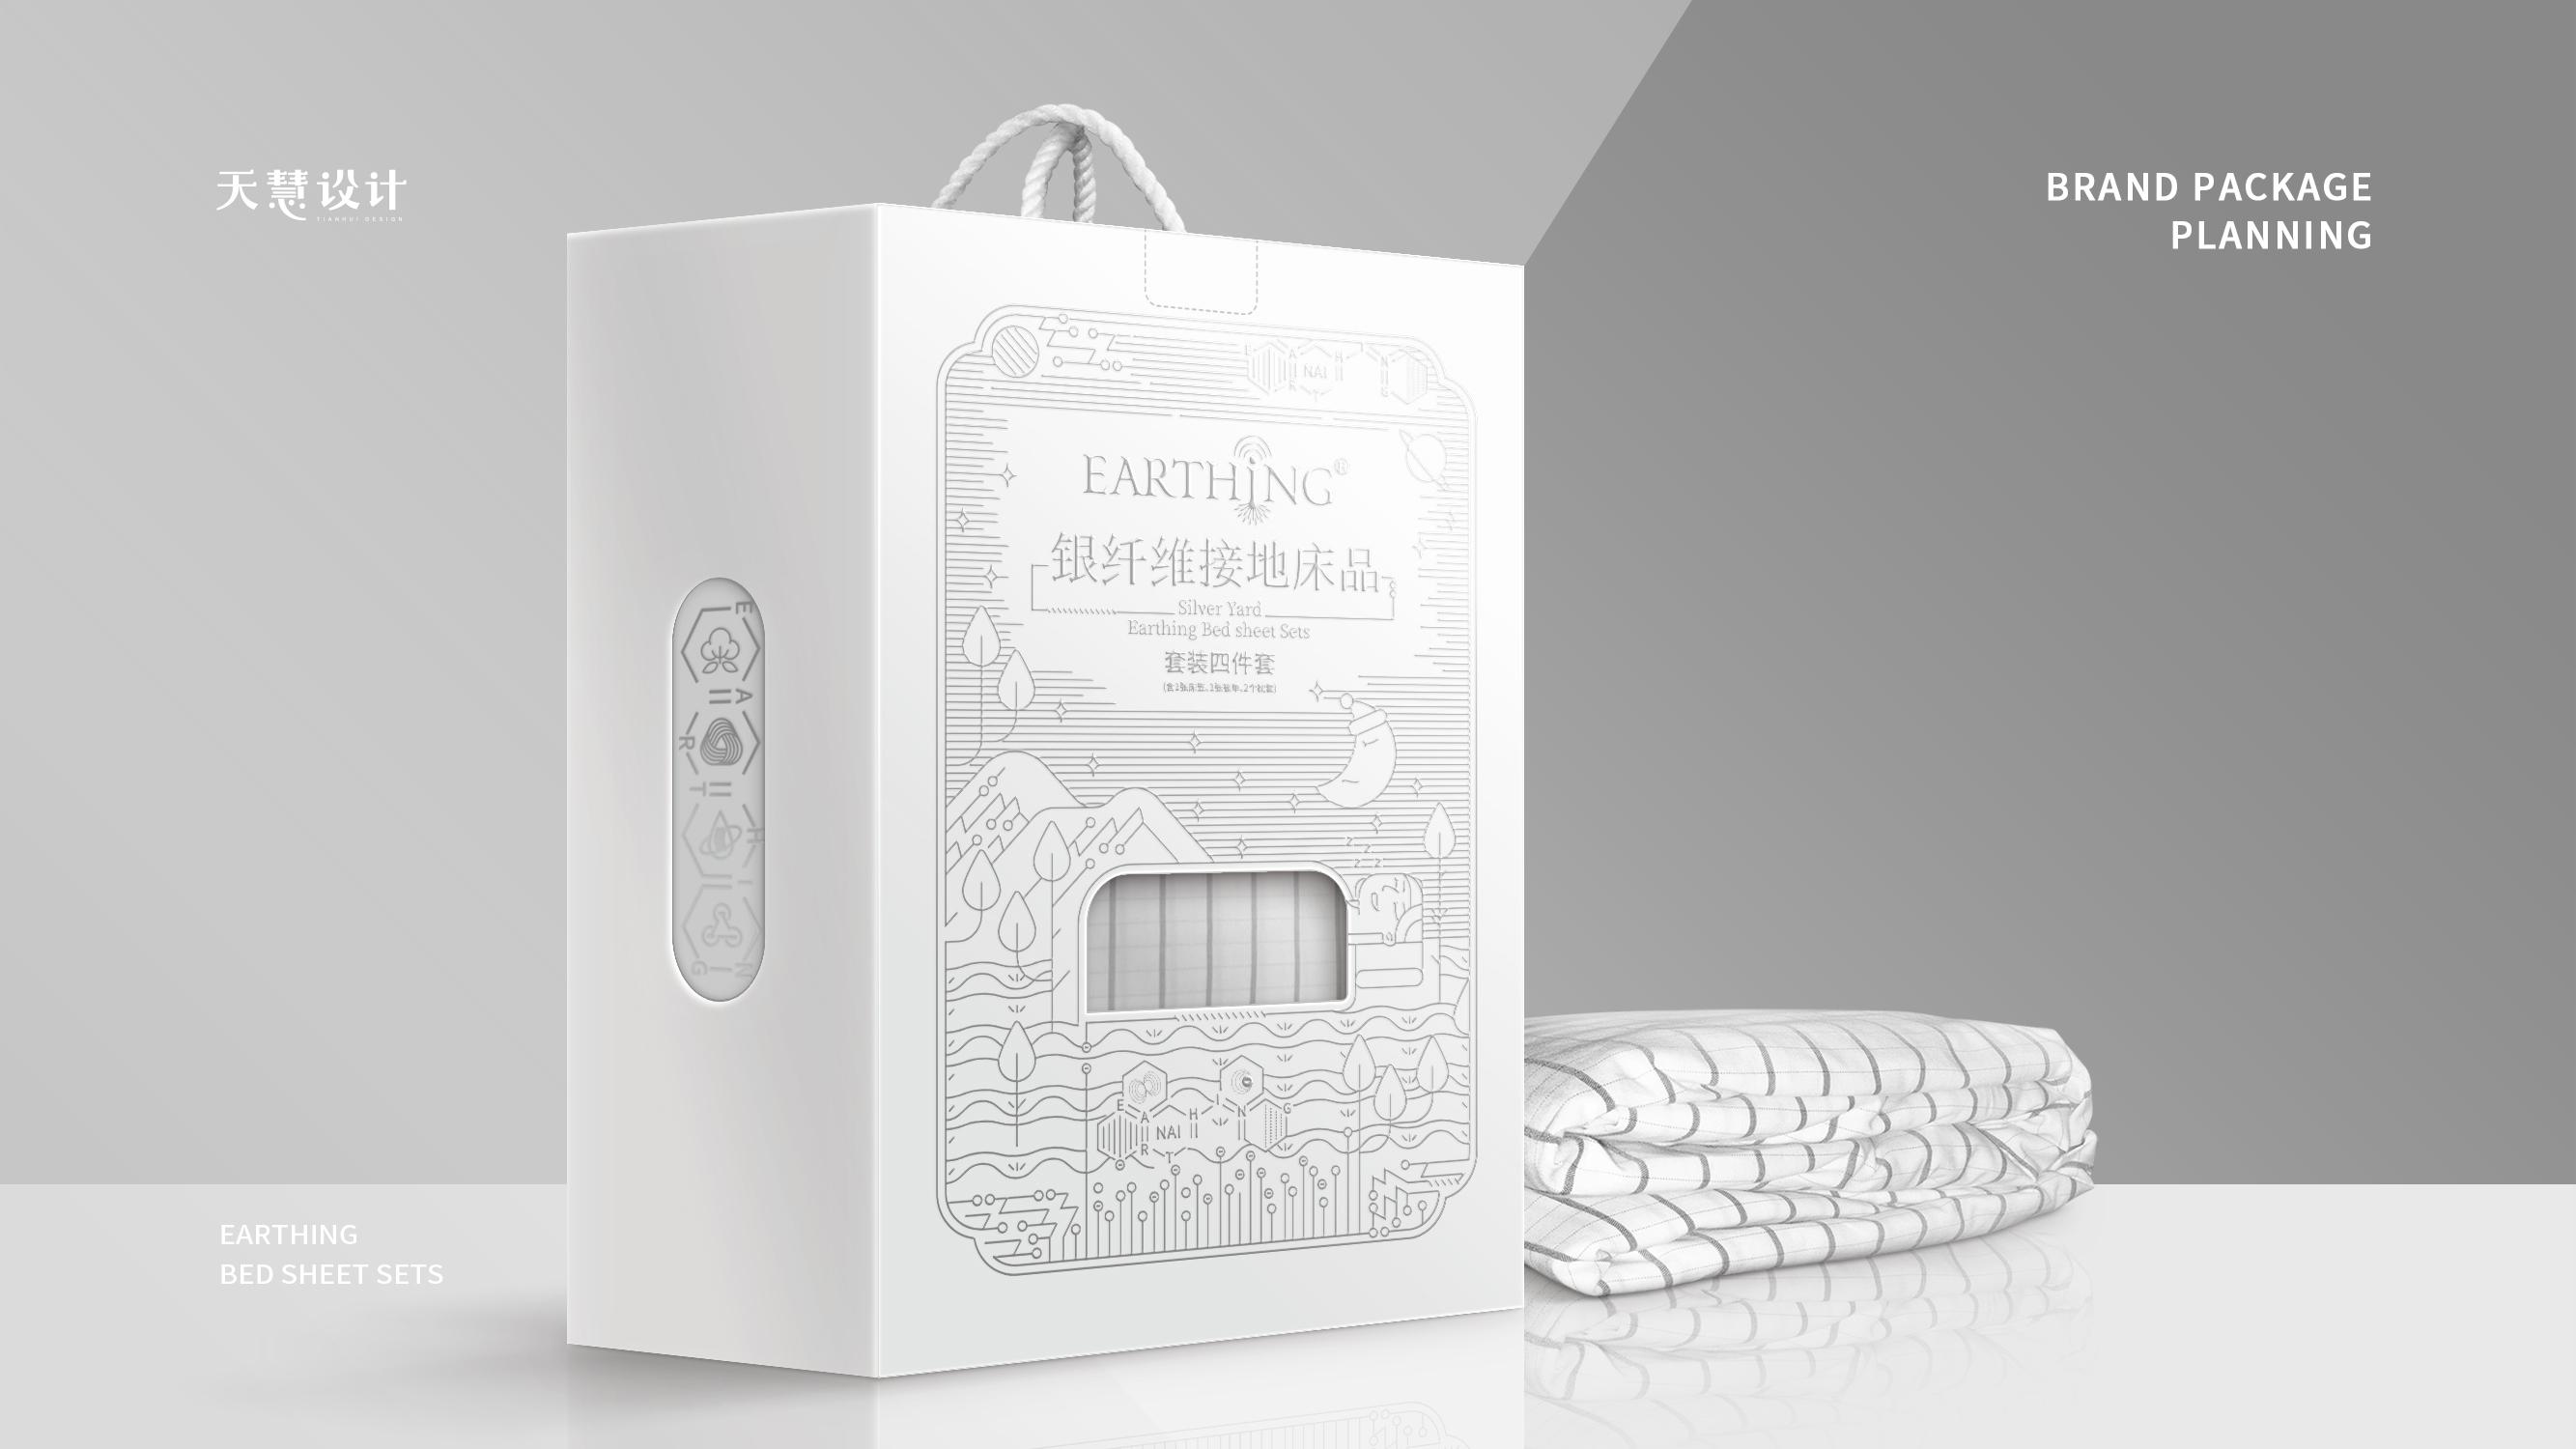 瓶型设计白酒红酒啤酒食品茶叶包装袋礼品盒瓶贴设计瓶型包装设计